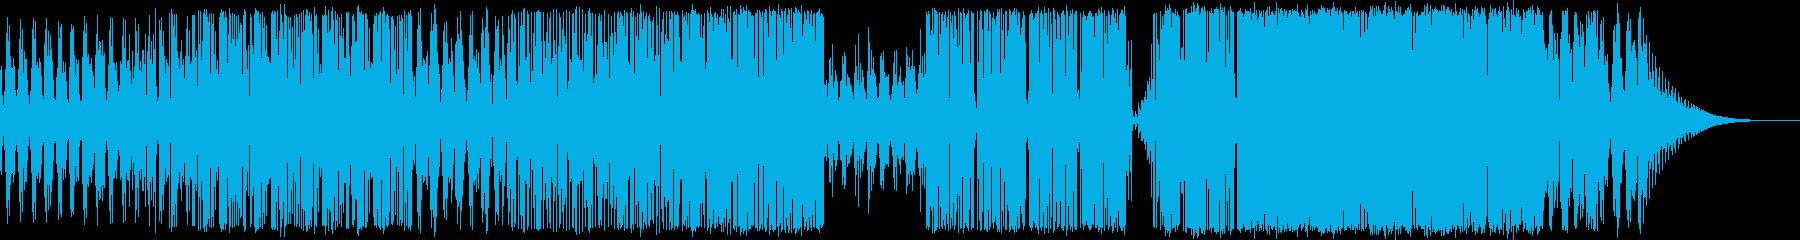 クラシックギターメインのダブステップの再生済みの波形